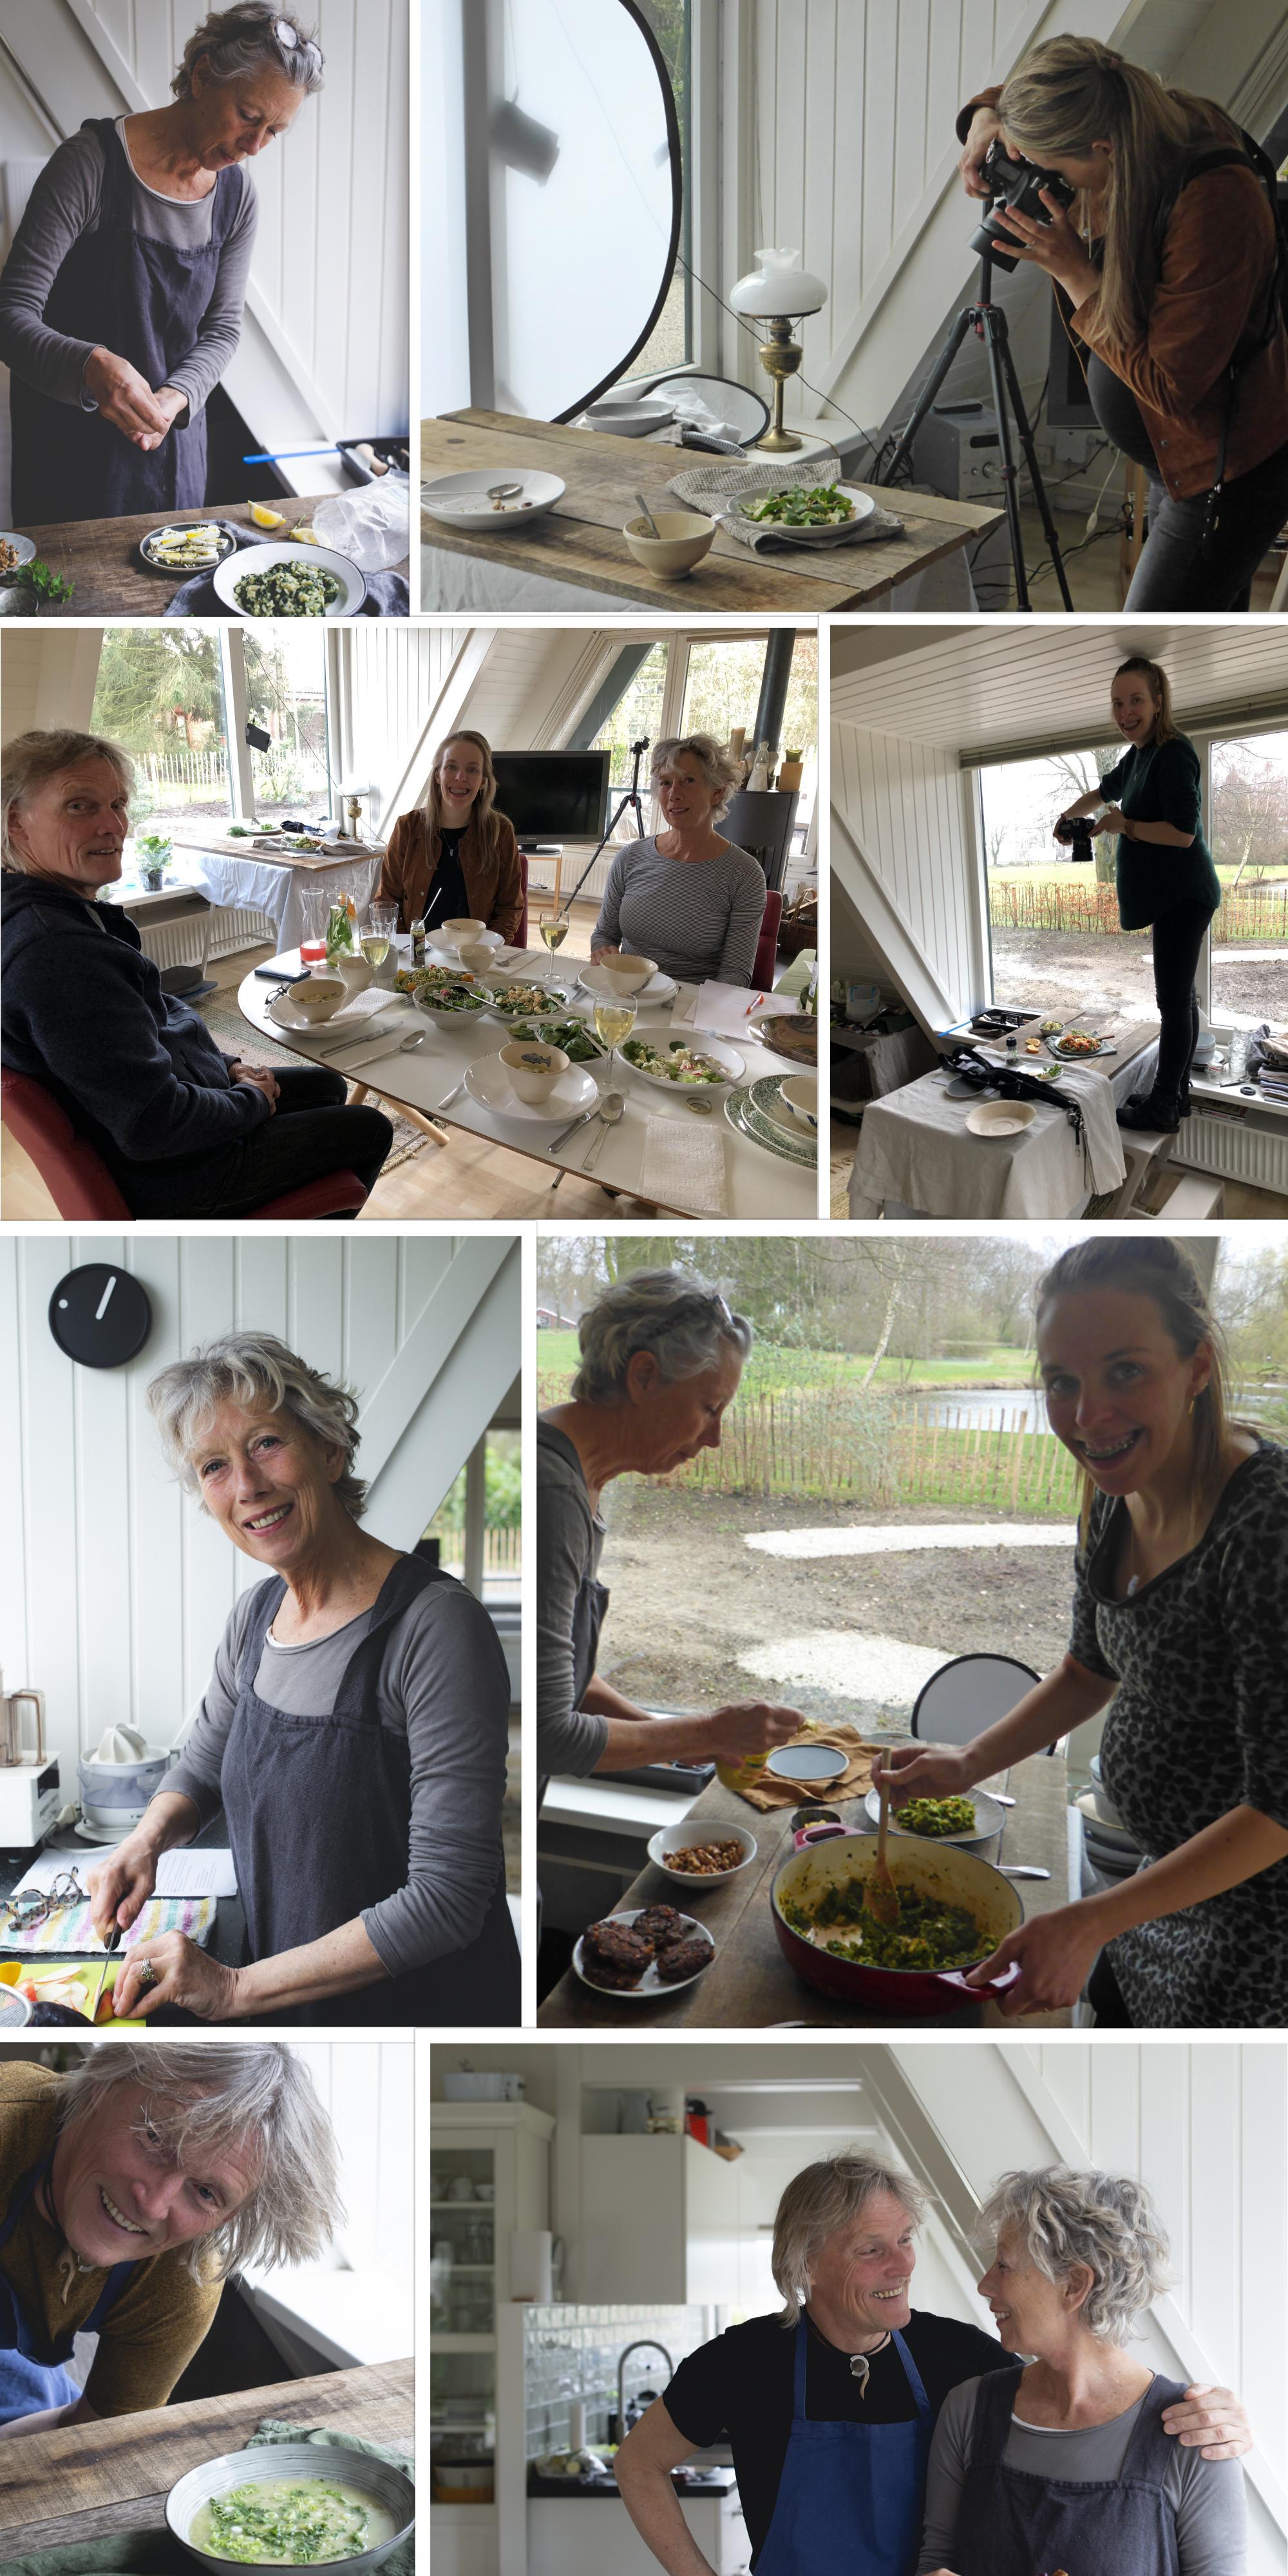 food photography stefanie spoelder food fotograaf diet and fighting bladder cancer voeding en blaaskanker maurice zeegers universiteit maastricht marga van slooten